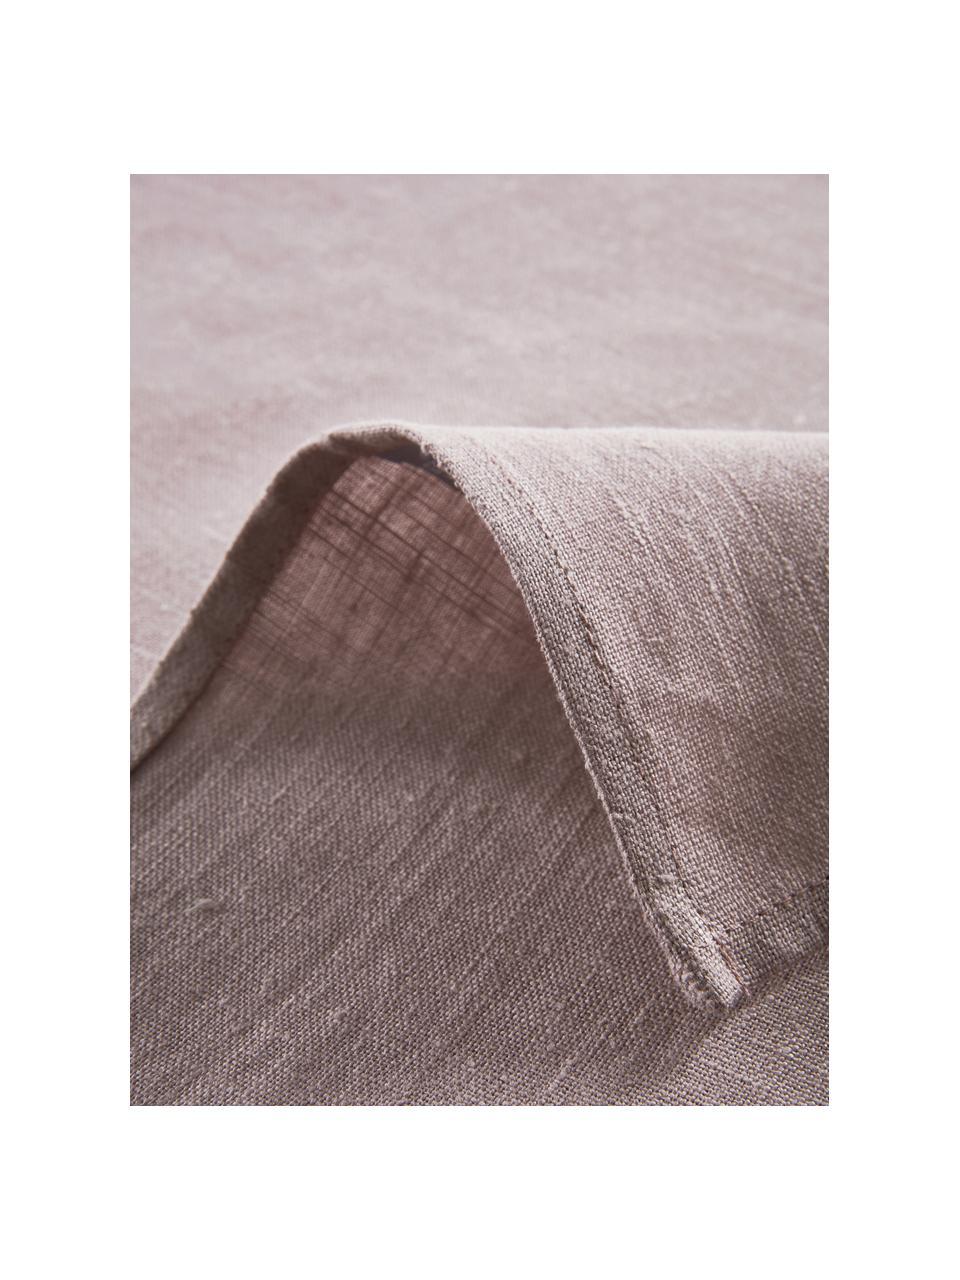 Leinen-Tischdecke Heddie in Rosa, 100% Leinen, Rosa, Für 6 - 10 Personen (B 145 x L 250 cm)